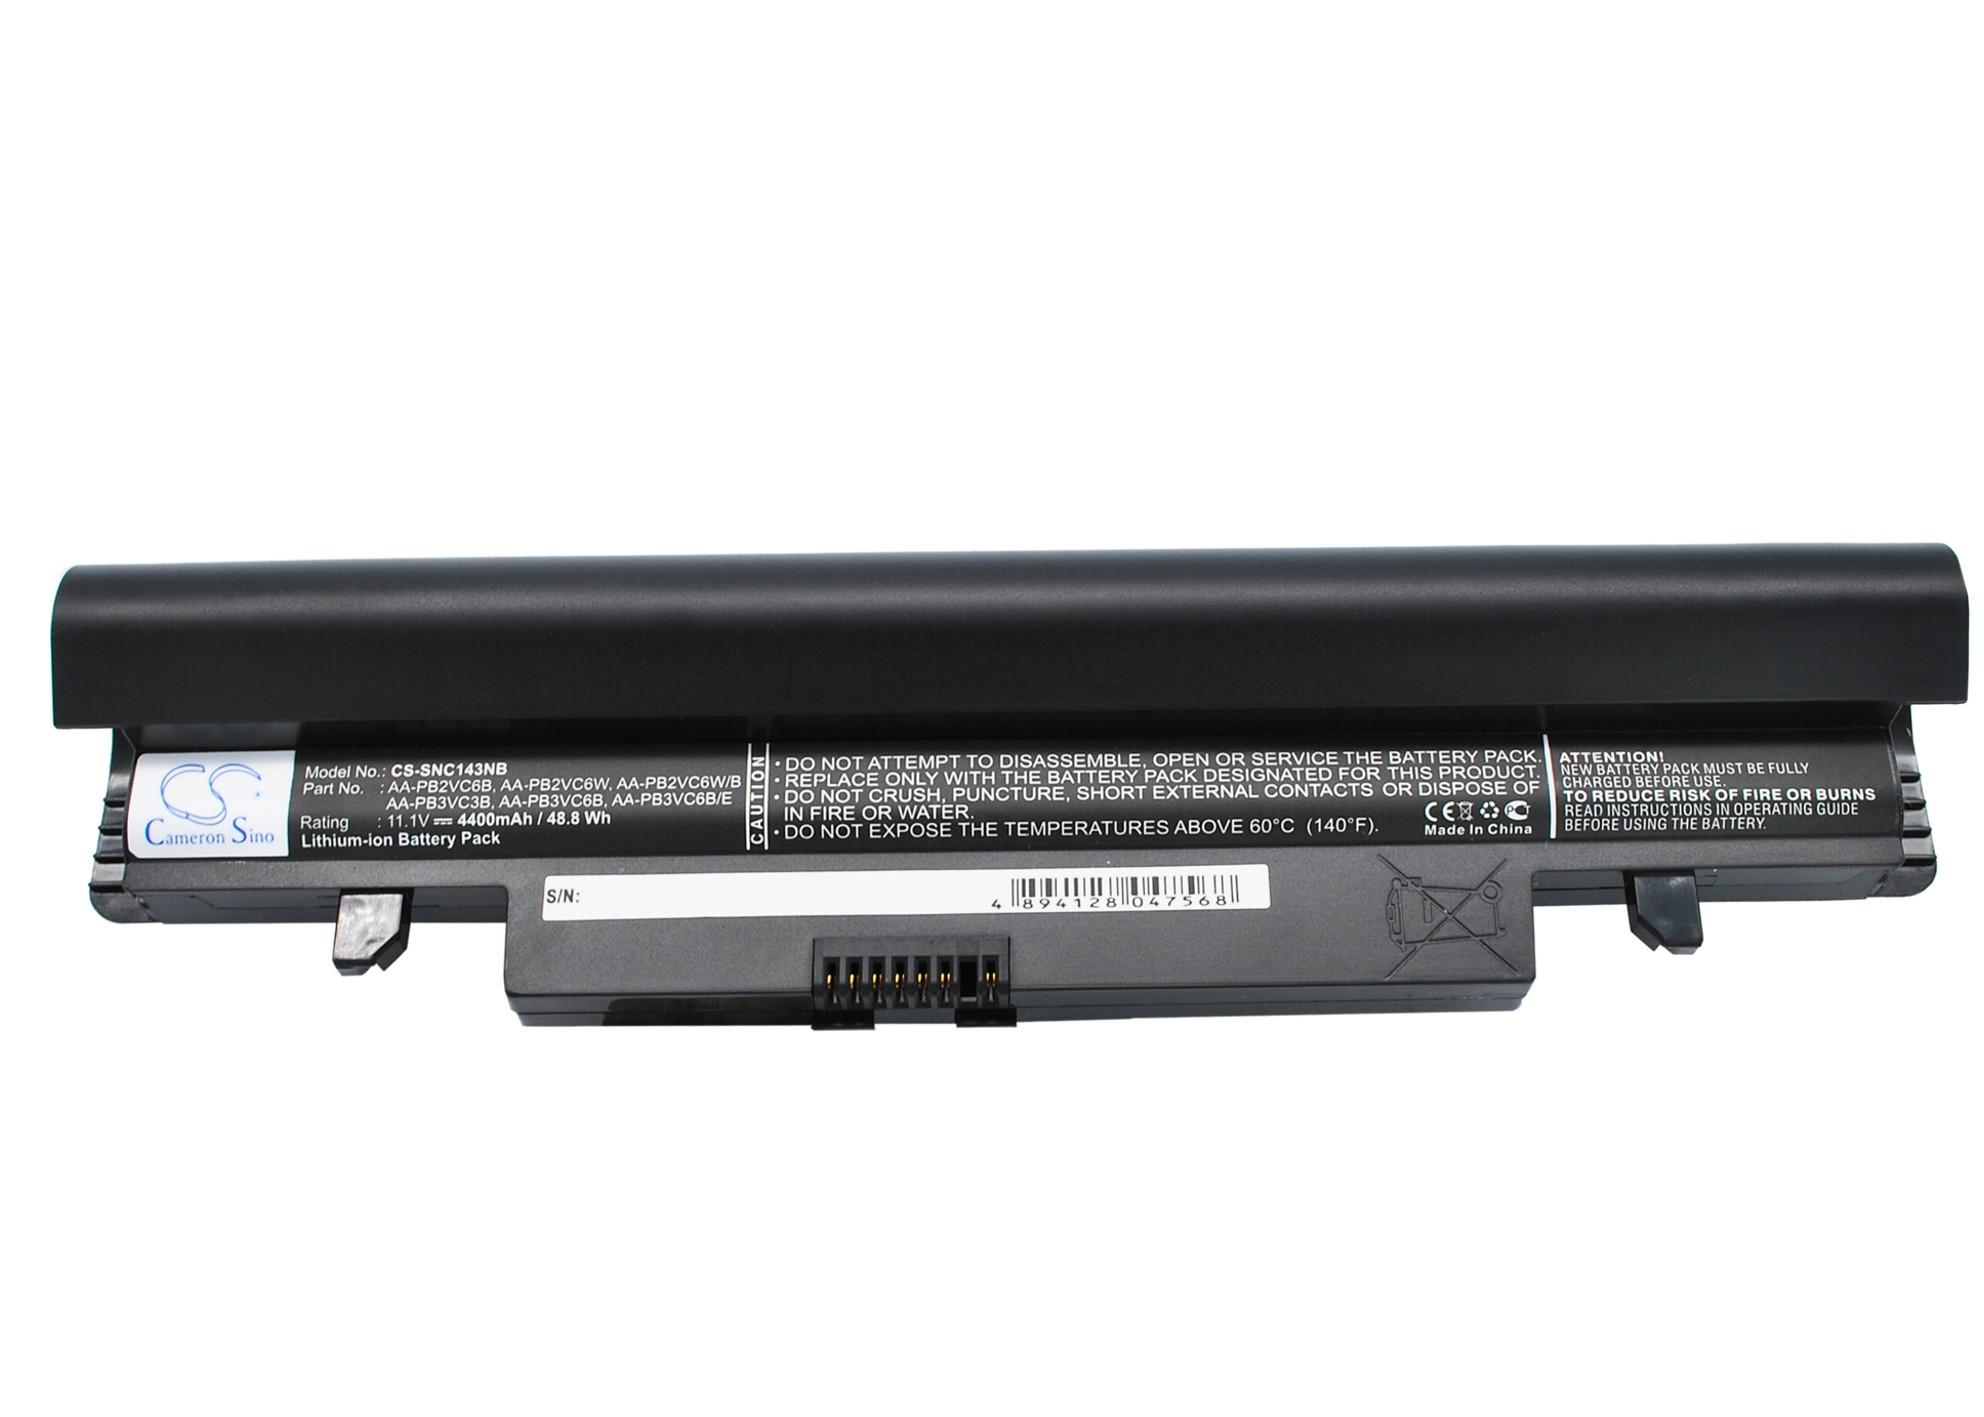 Cameron Sino baterie do notebooků pro SAMSUNG NP-N350 11.1V Li-ion 4400mAh černá - neoriginální